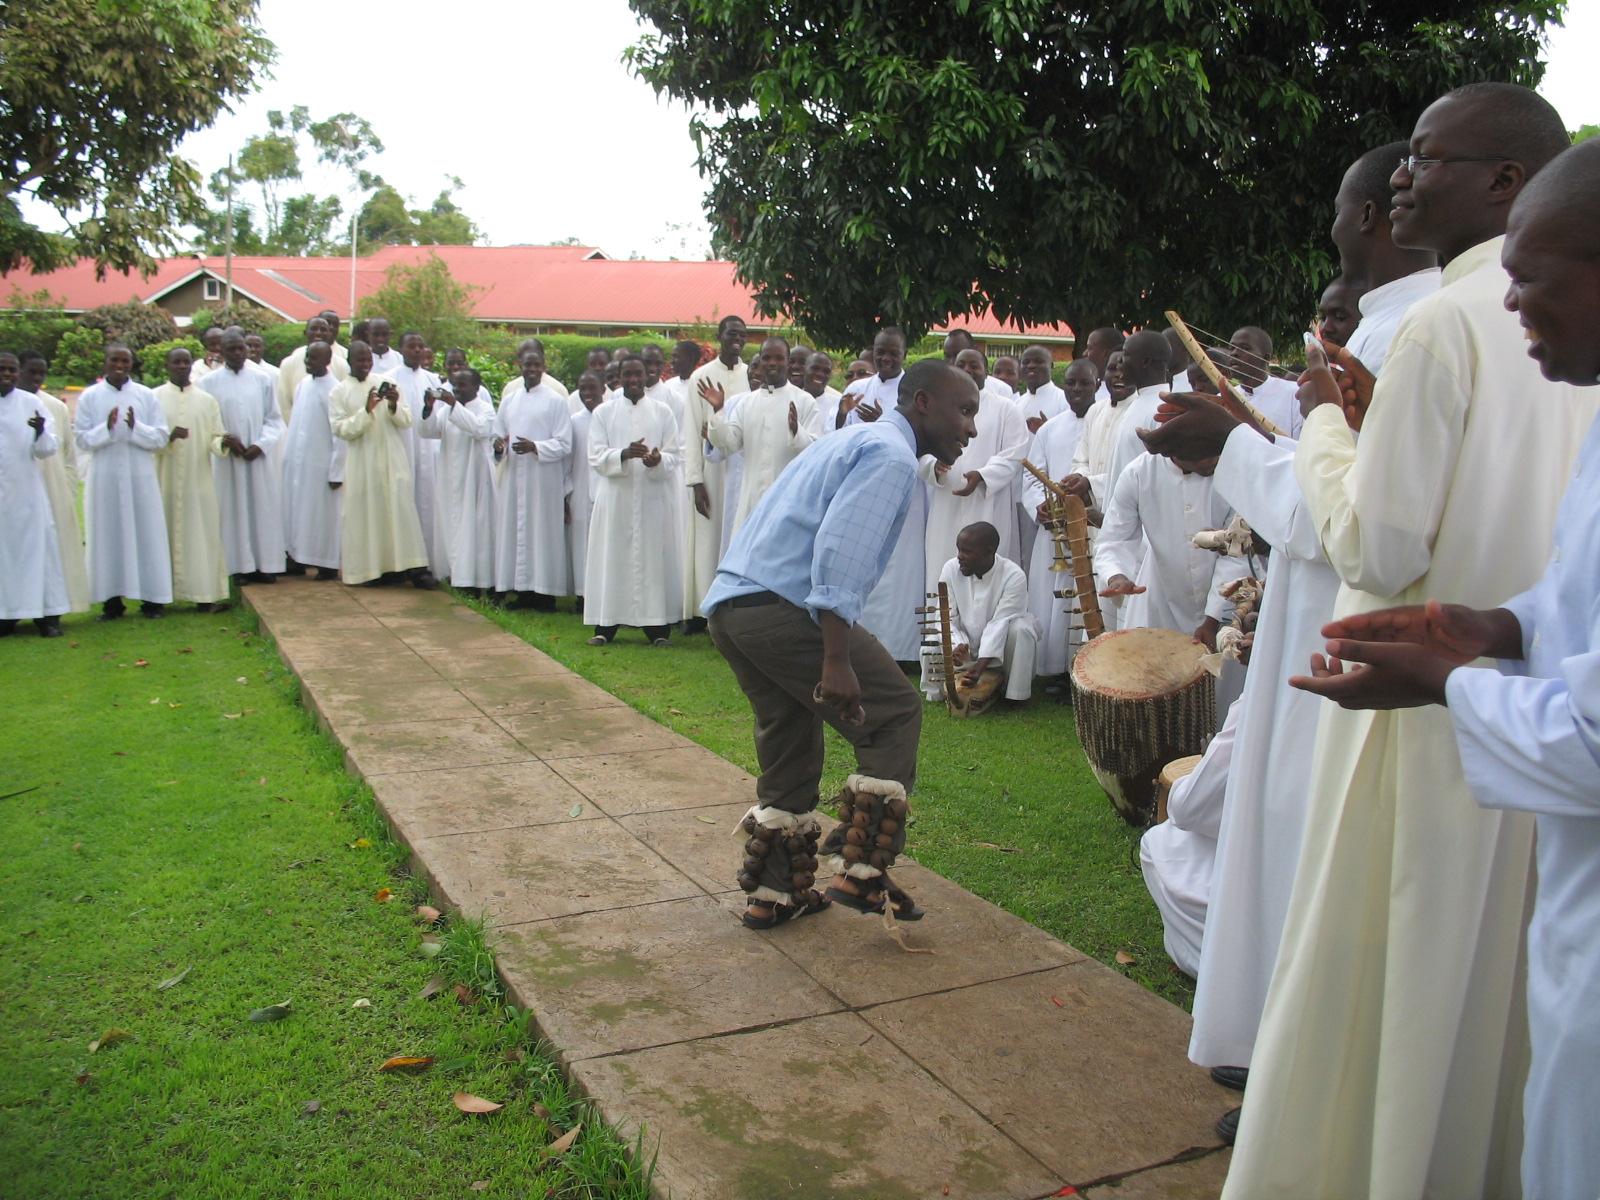 Proyecto de mes: Ayuda a la formación de 46 futuros sacerdotes de la diócesis de Nebbi, Uganda